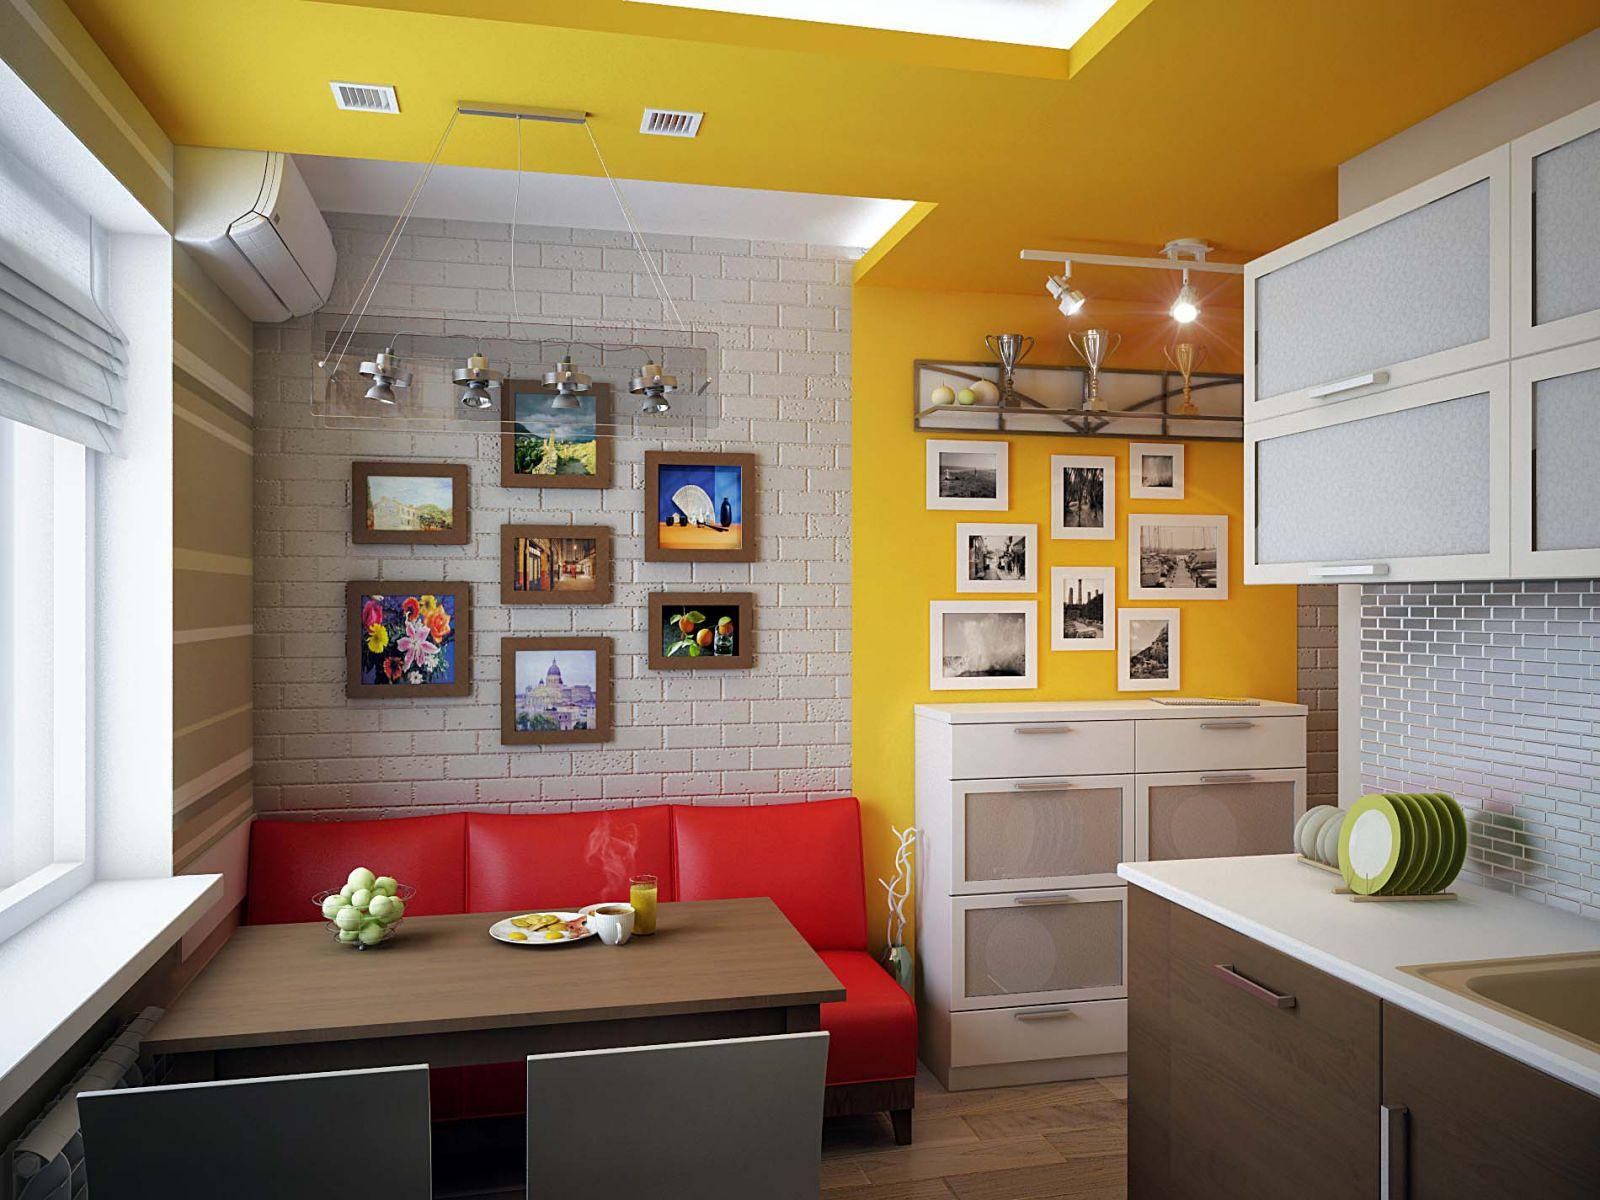 Как на маленькой кухне сделать спальное место